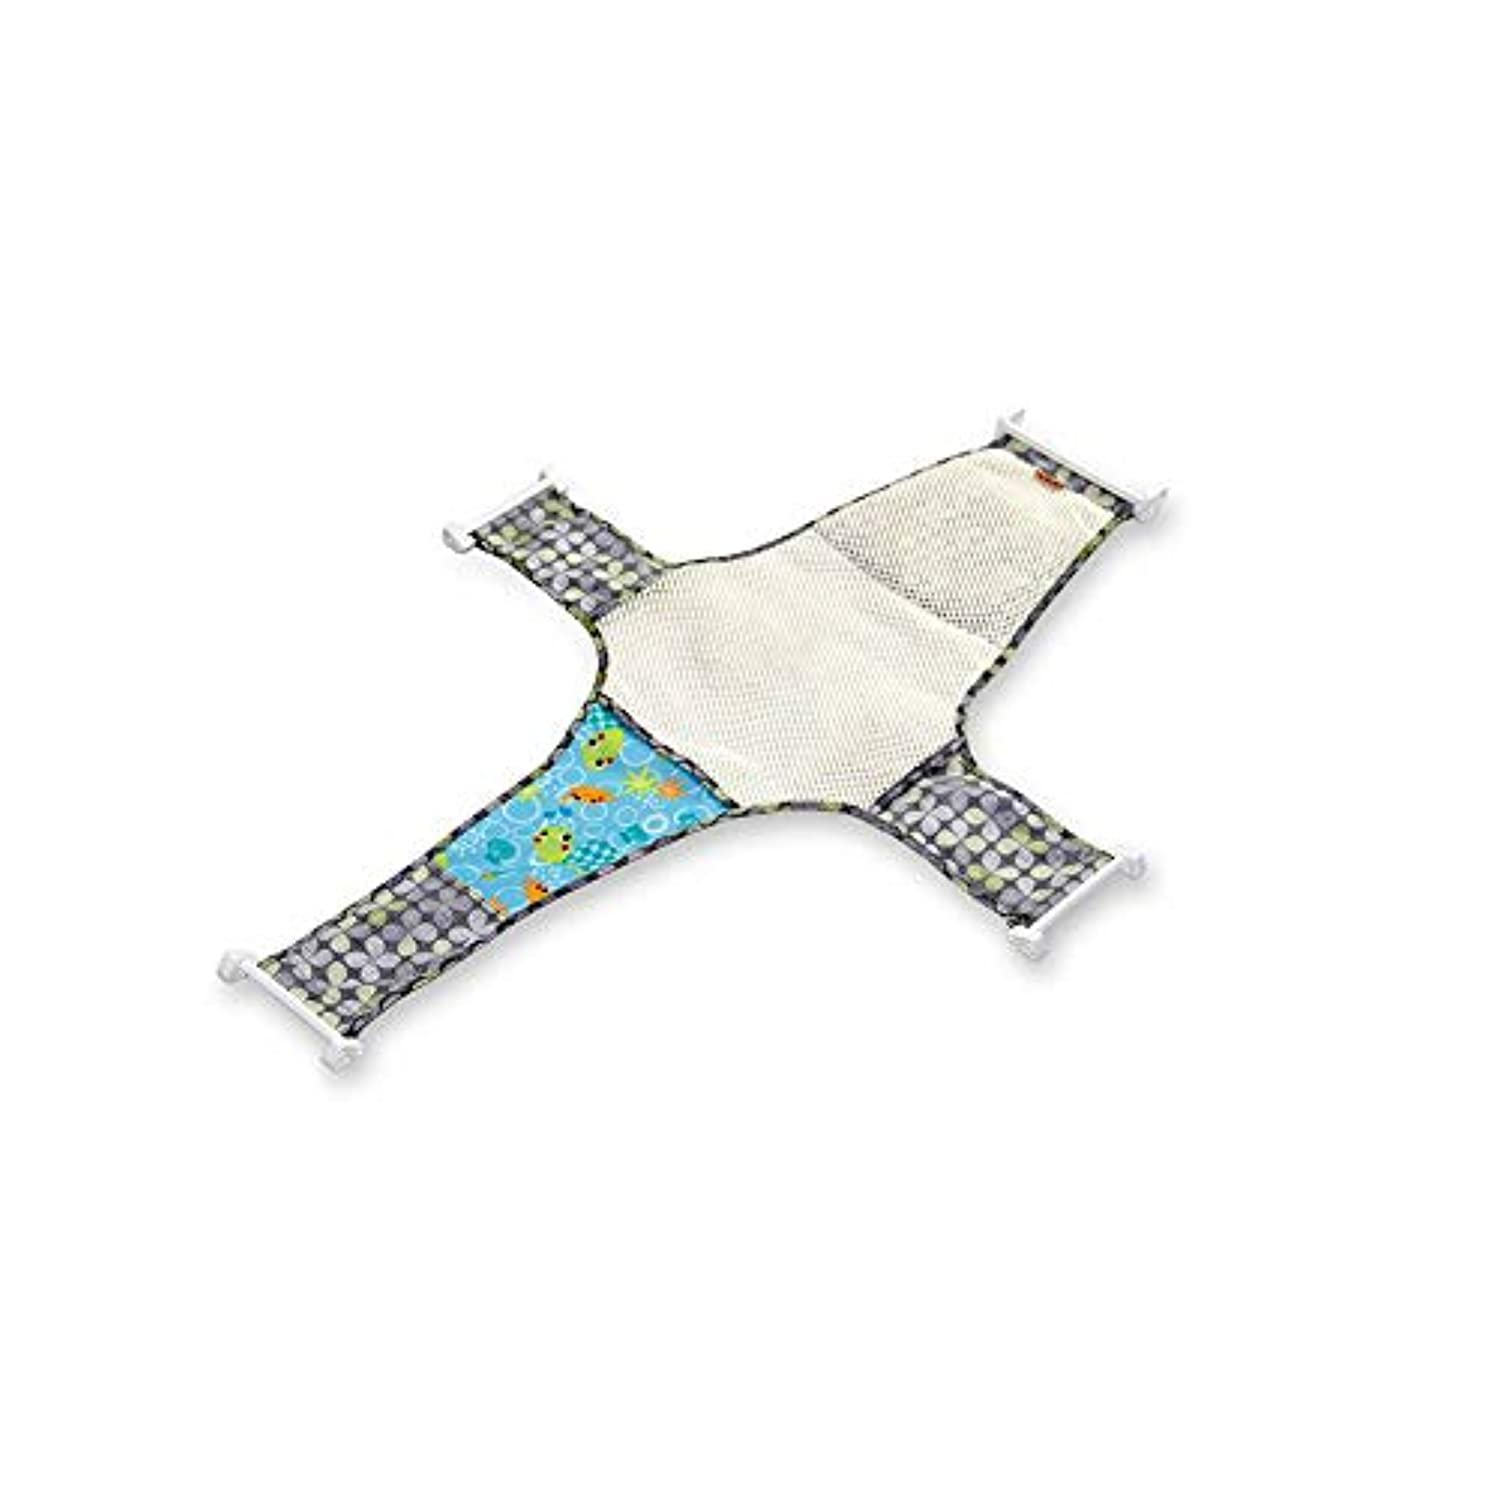 飢適用する名詞Onior調整可能 十字メッシュ パターン バスタブ 座席 スタンドネット 滑り止め 浴槽網 耐久性